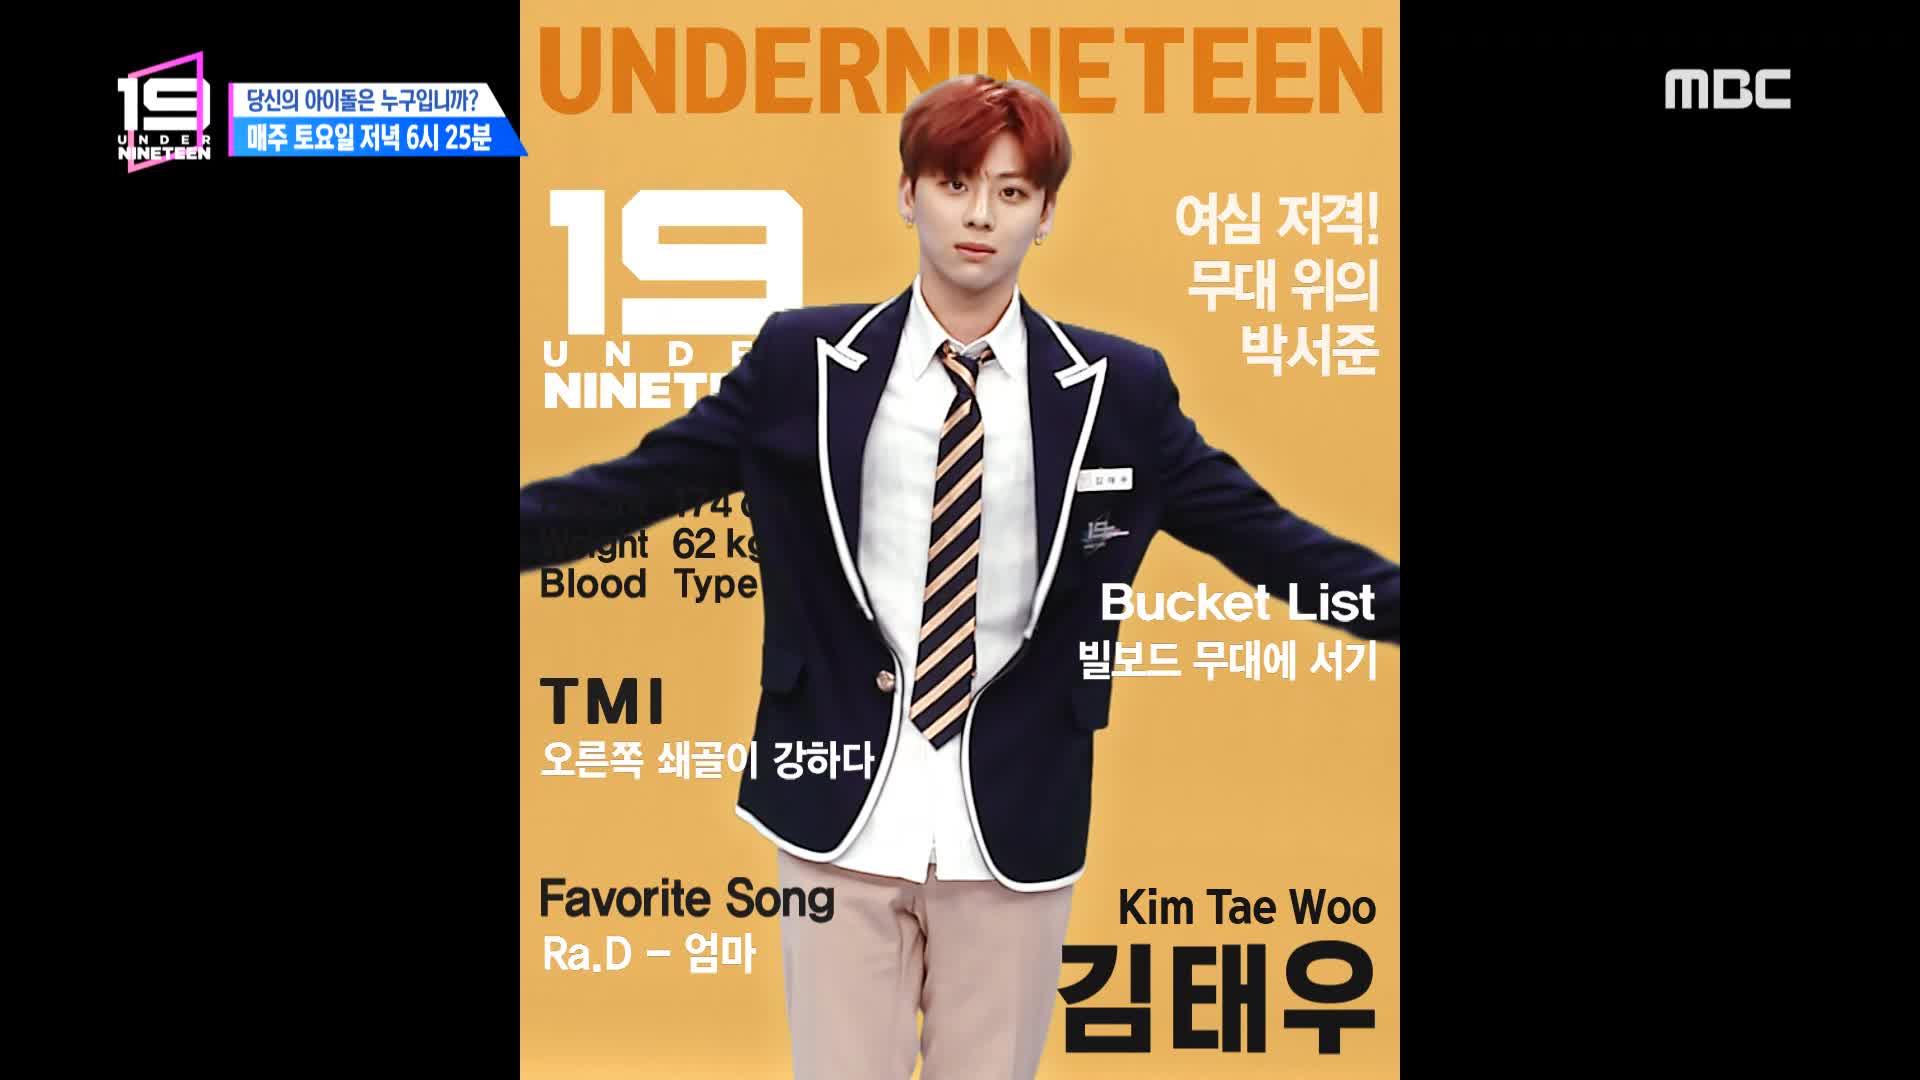 '당신의 아이돌은 누구입니까' 보컬 팀 김정우, 김태우, 배현준, 신예찬, 윤도연